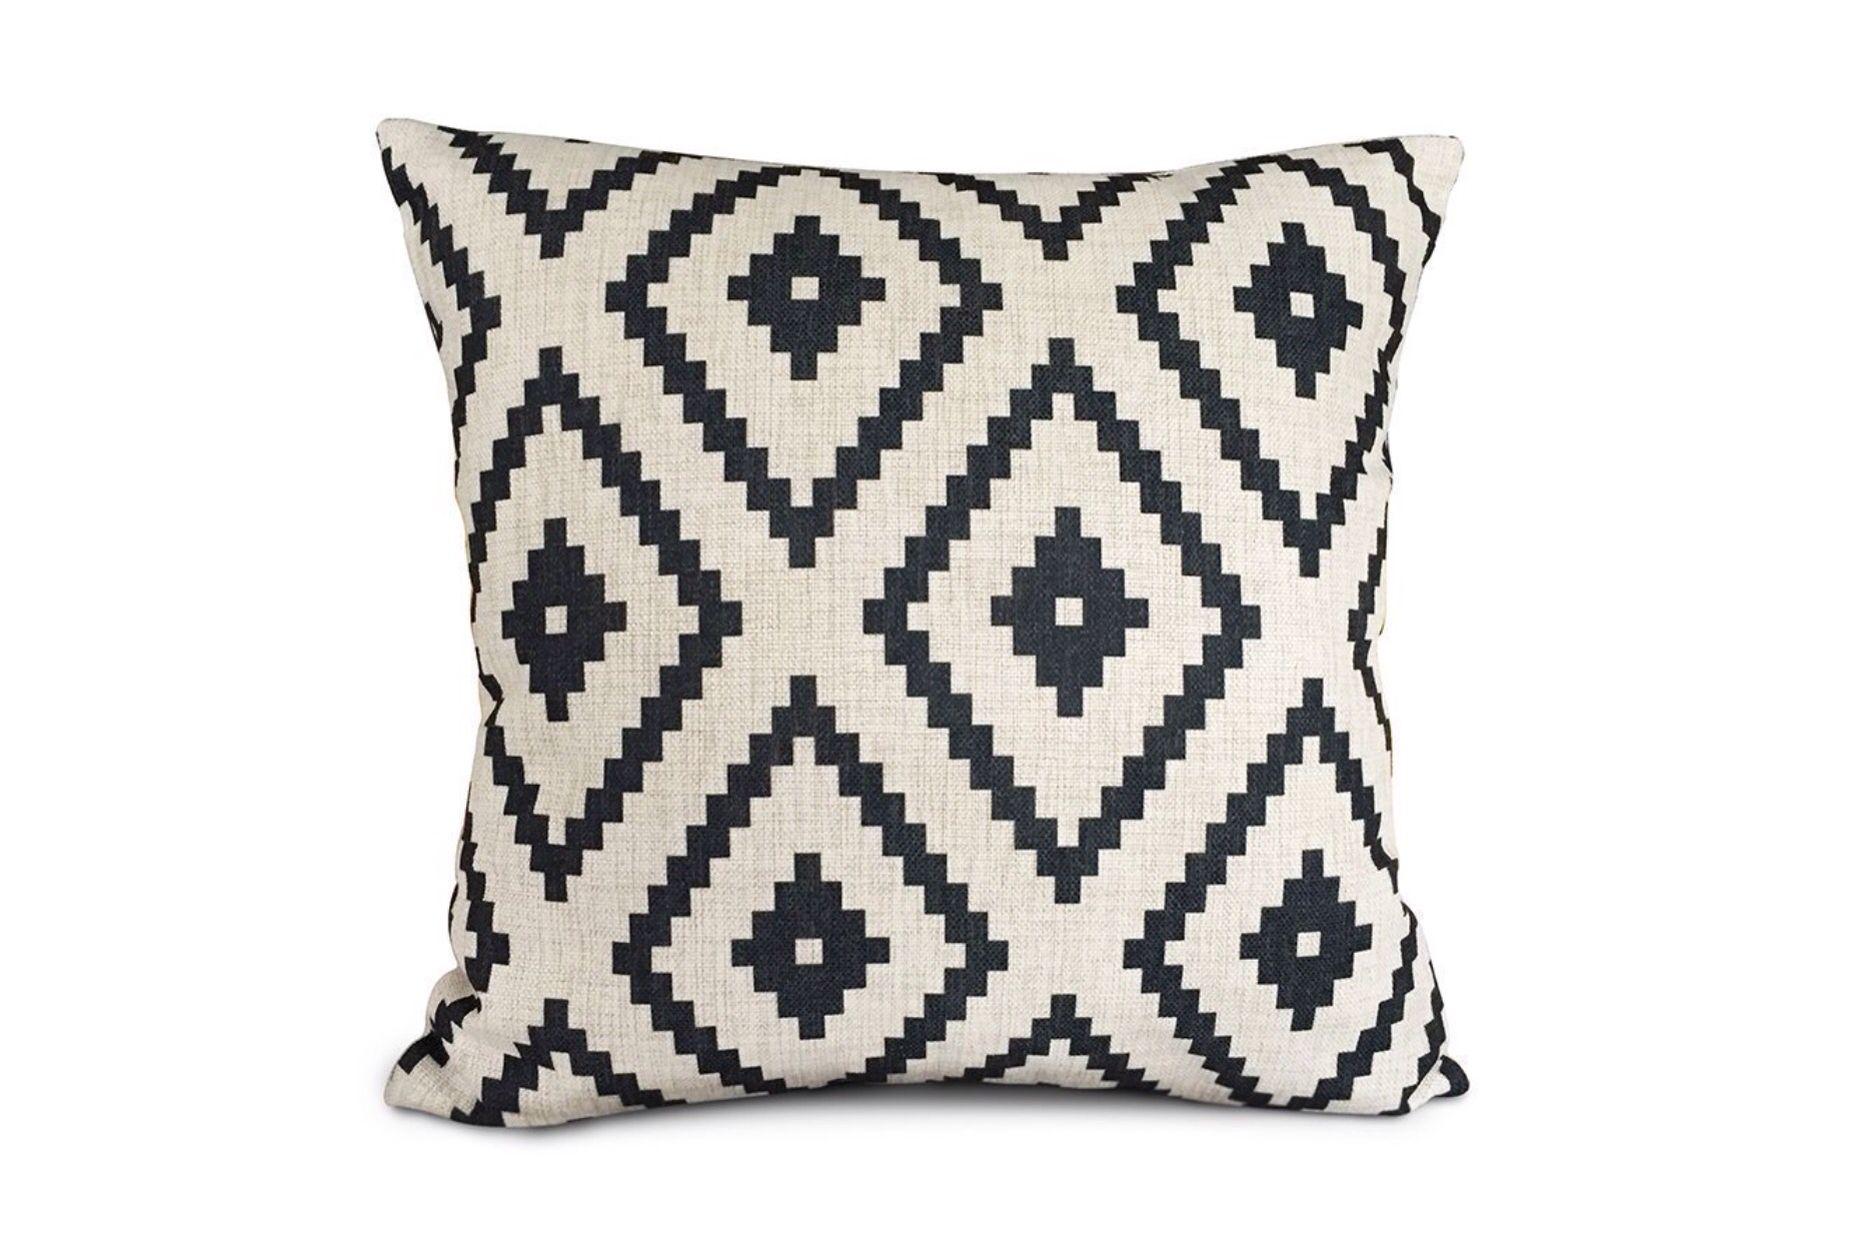 Pattern throw pillows apartment inspo pinterest throw pillows